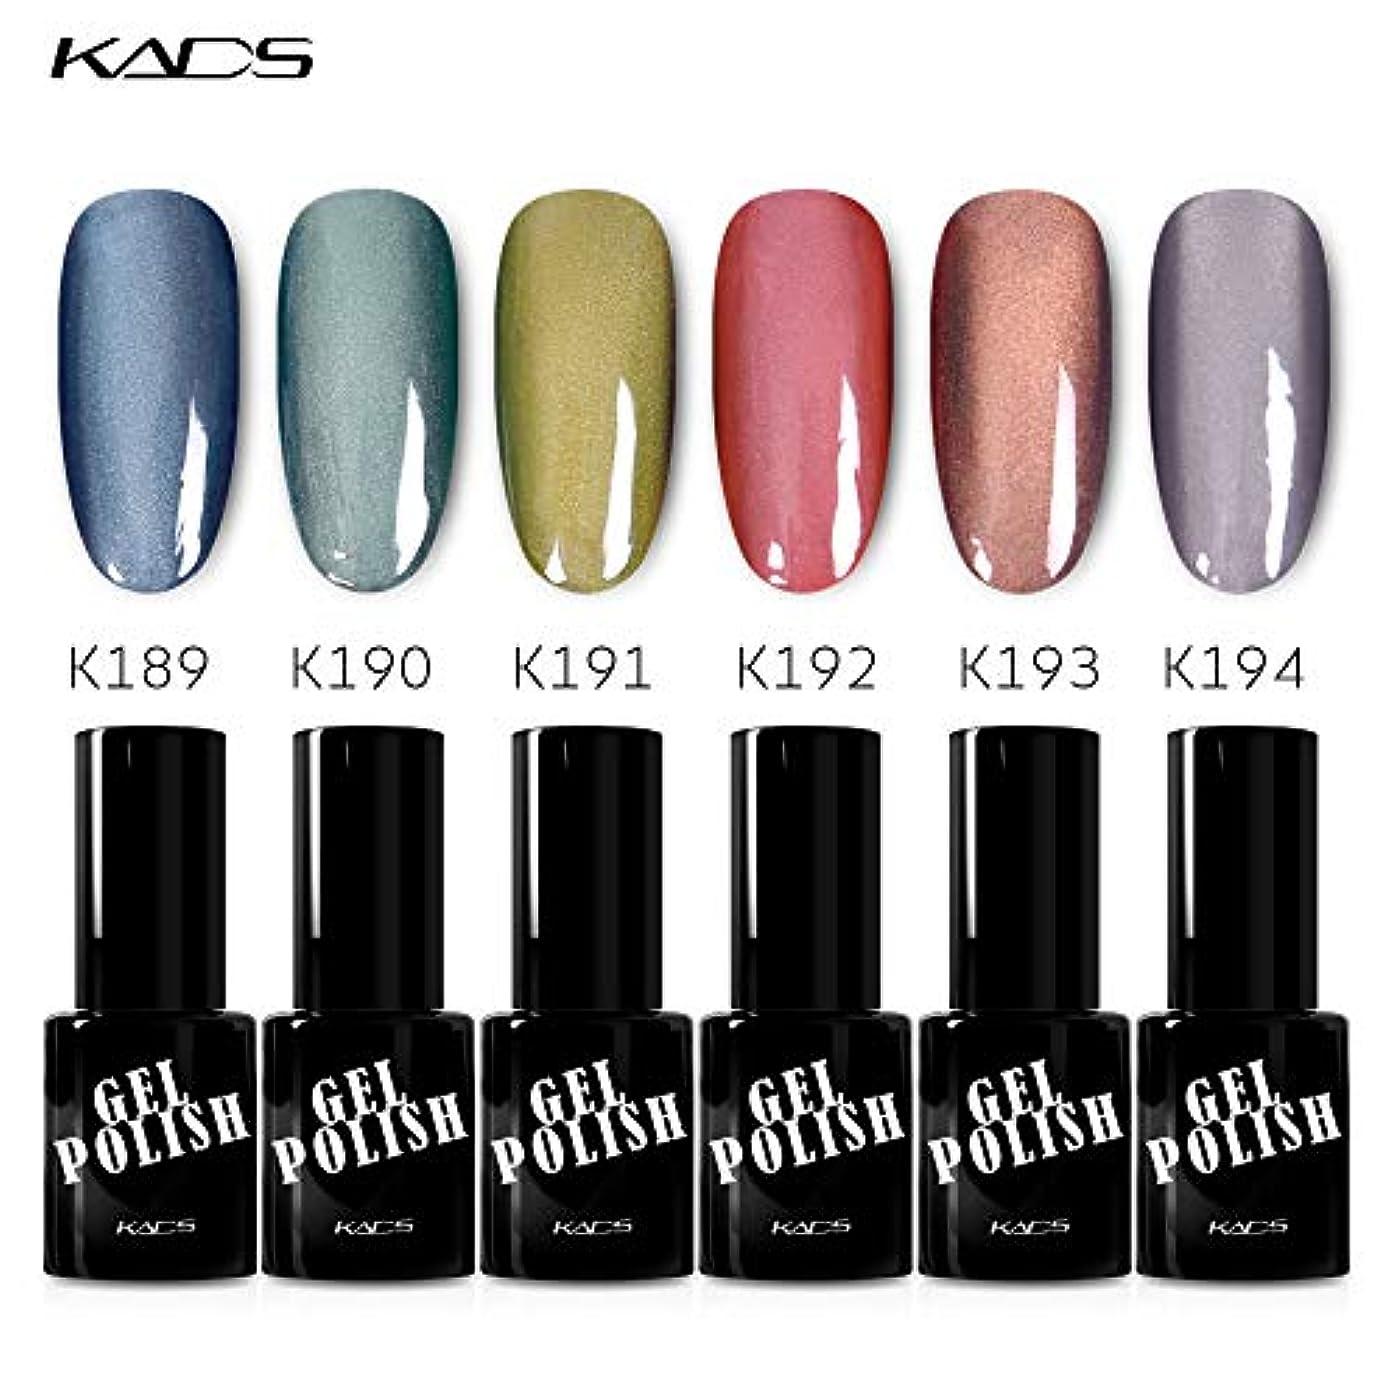 間違っているメニュー抽象KADS ジェルネイルカラーポリッシュ キャッツアイジェル 6色入り グリーン/ピンク/グレー カラージェル UV/LED対応 艶長持ち(セット8)